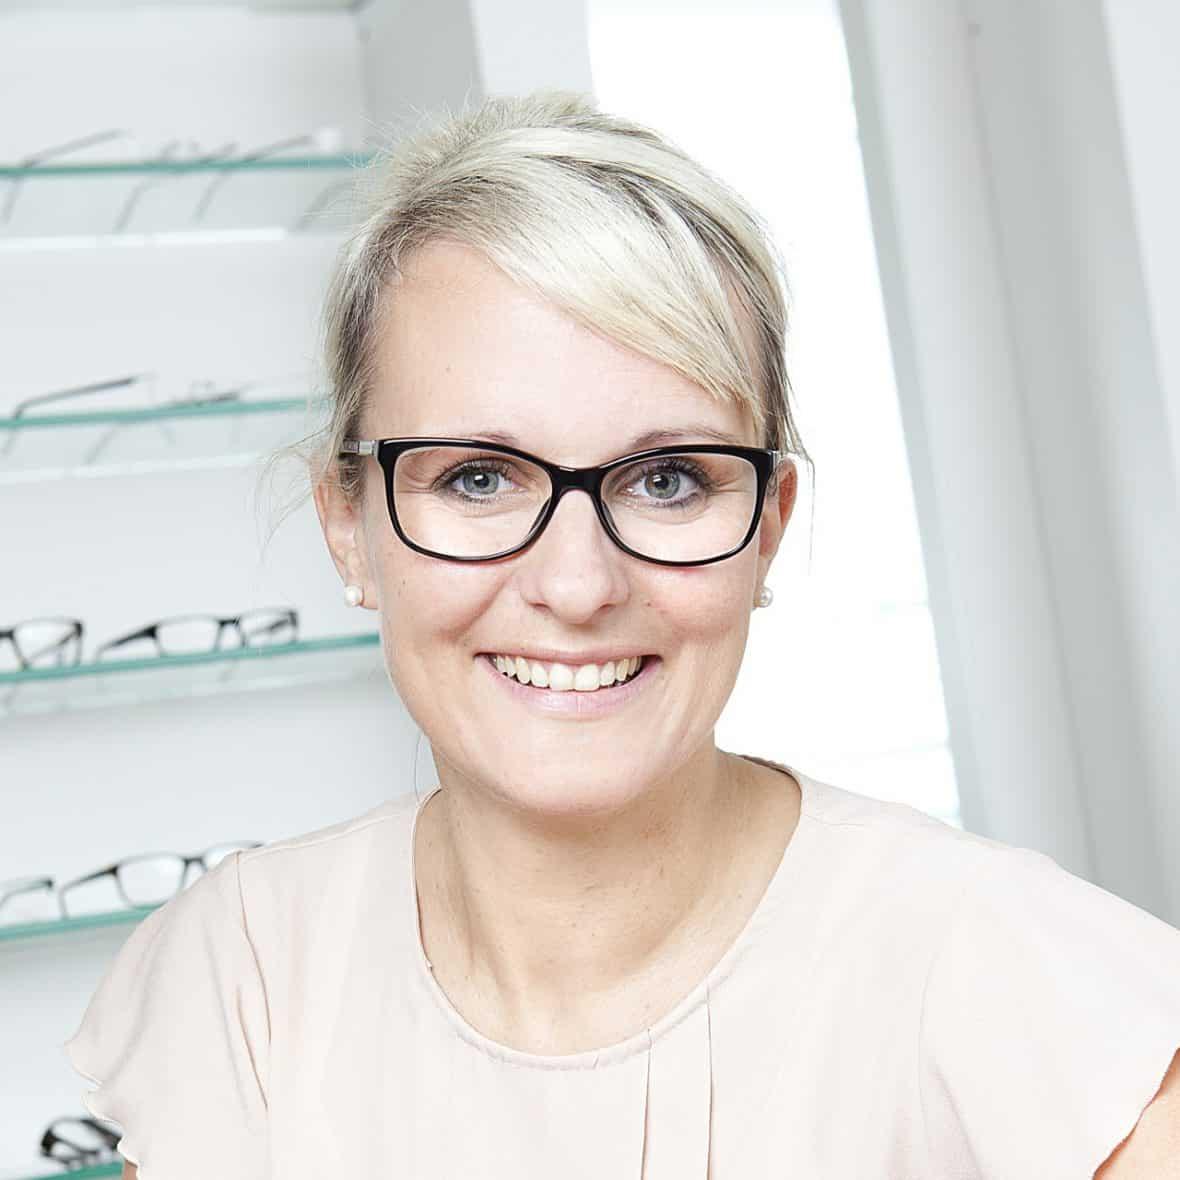 Martina Böshagen